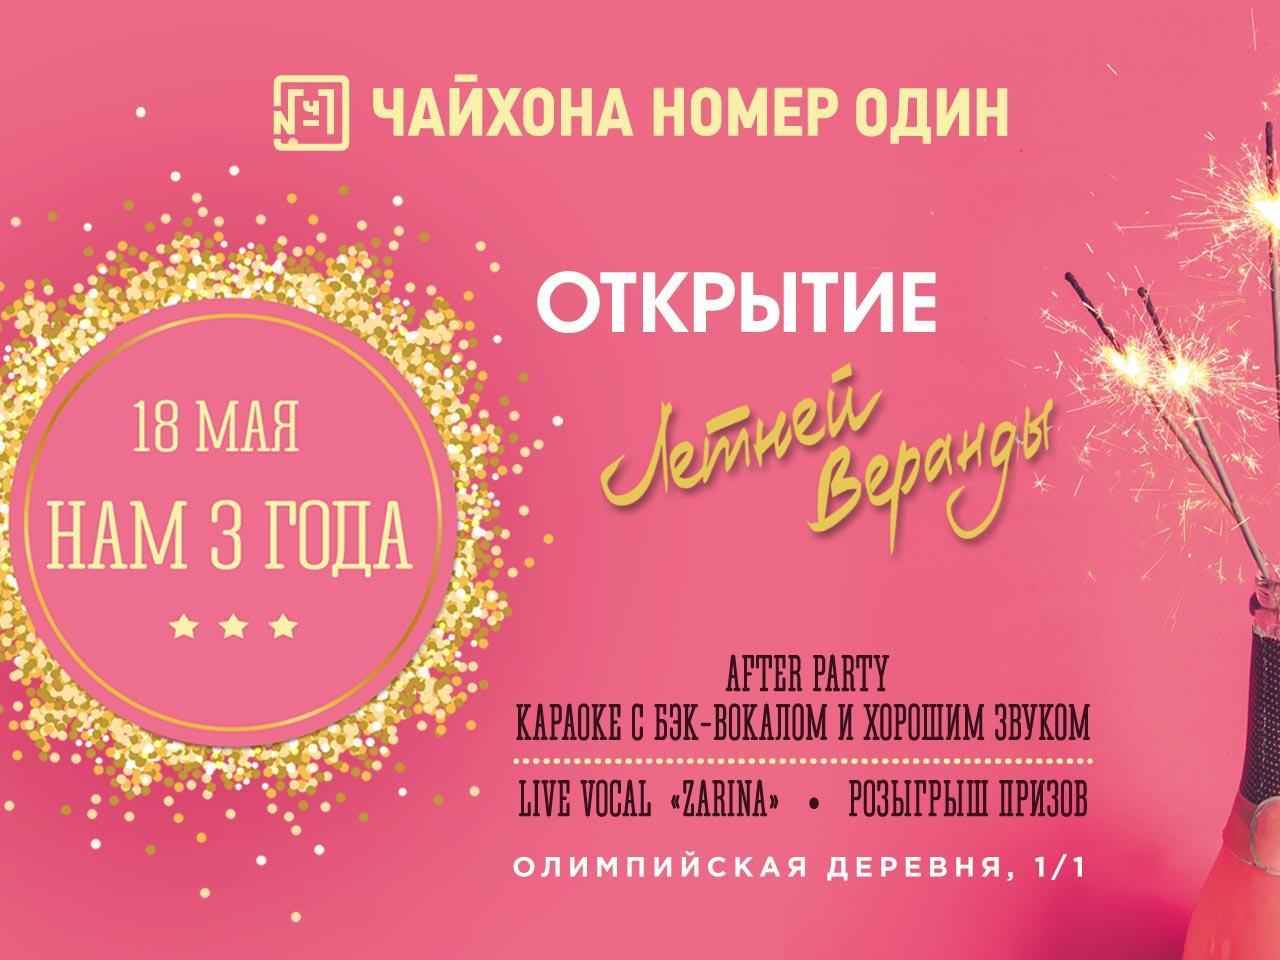 День Рождения в Олимпийской деревне!